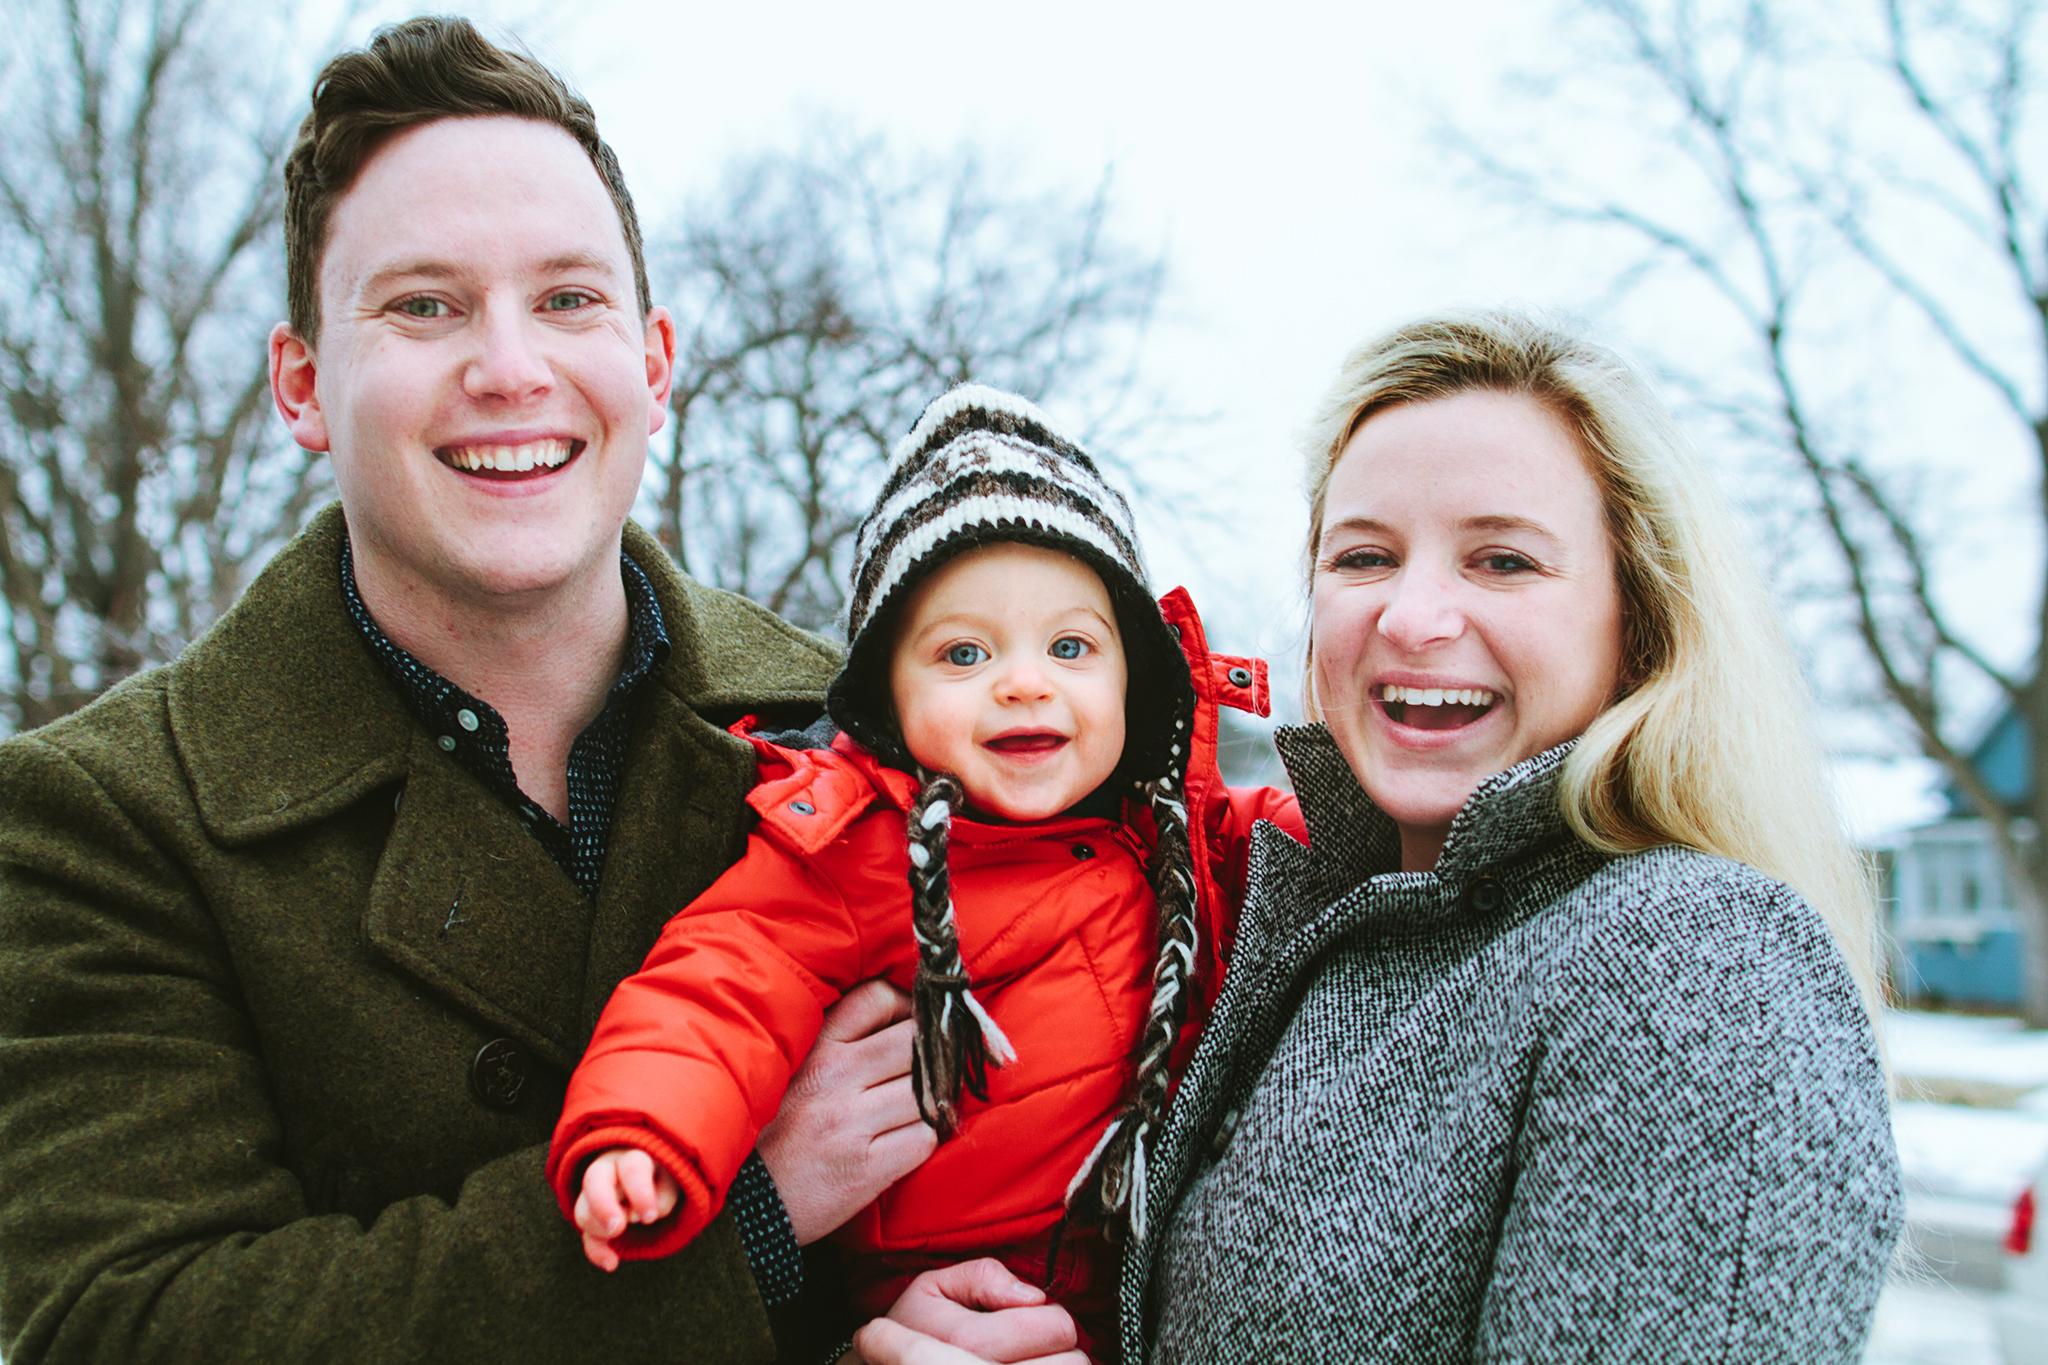 Edmonds Family Portrait Photography